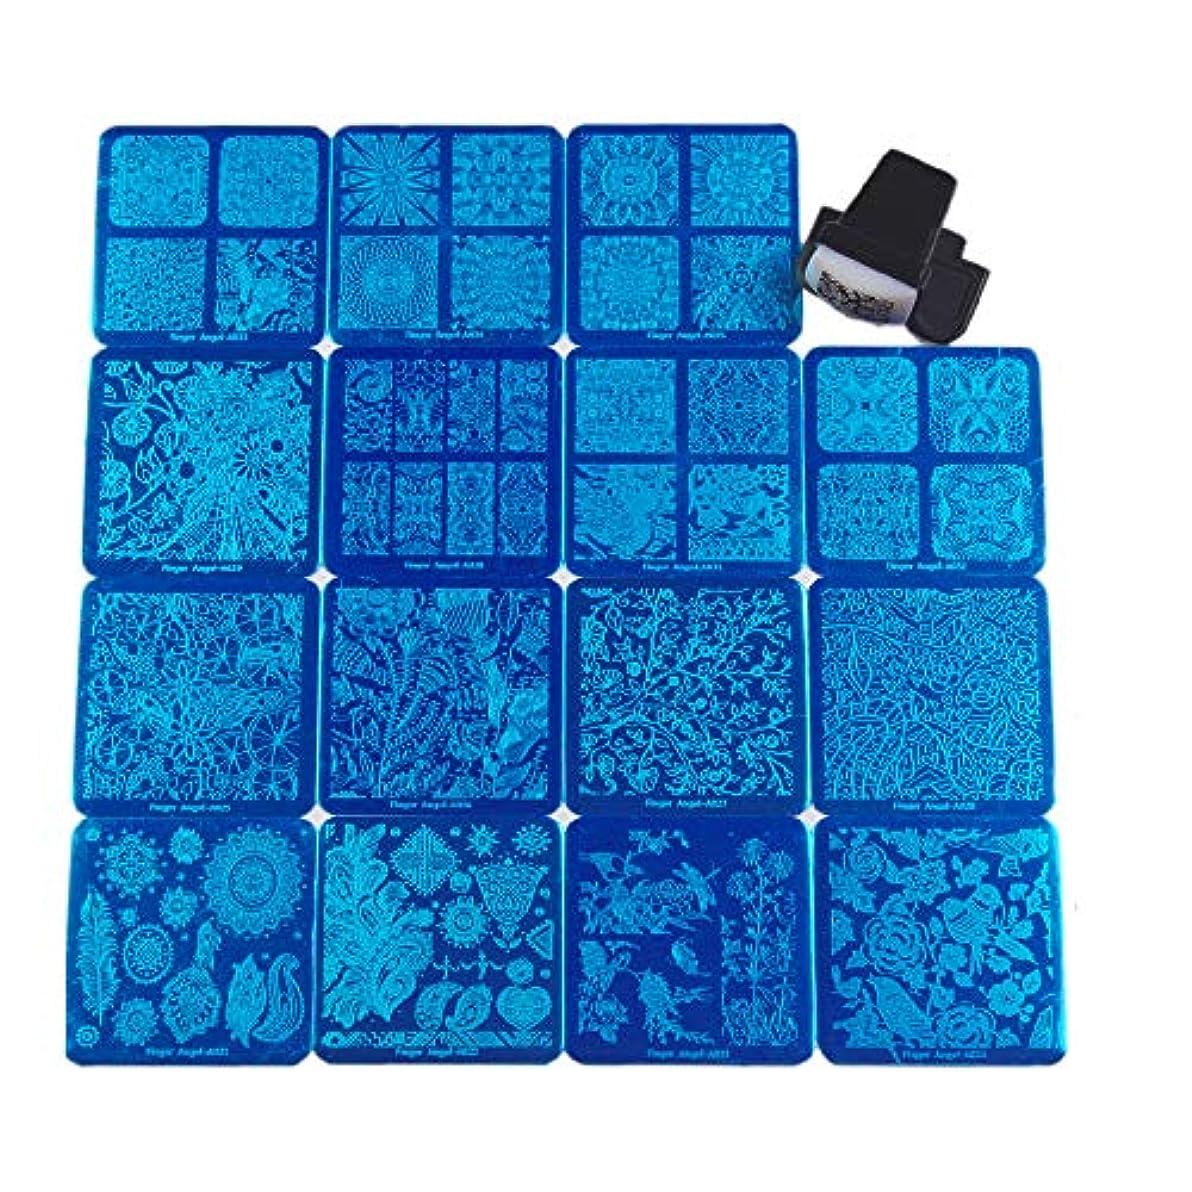 パラナ川ビーチ小麦FingerAngel ネイルイメージプレートセット ネイルプレート正方形15枚 スタンプ スクレーパー カードバッグ付き ネイルサロンも自宅も使えるネイルプレート